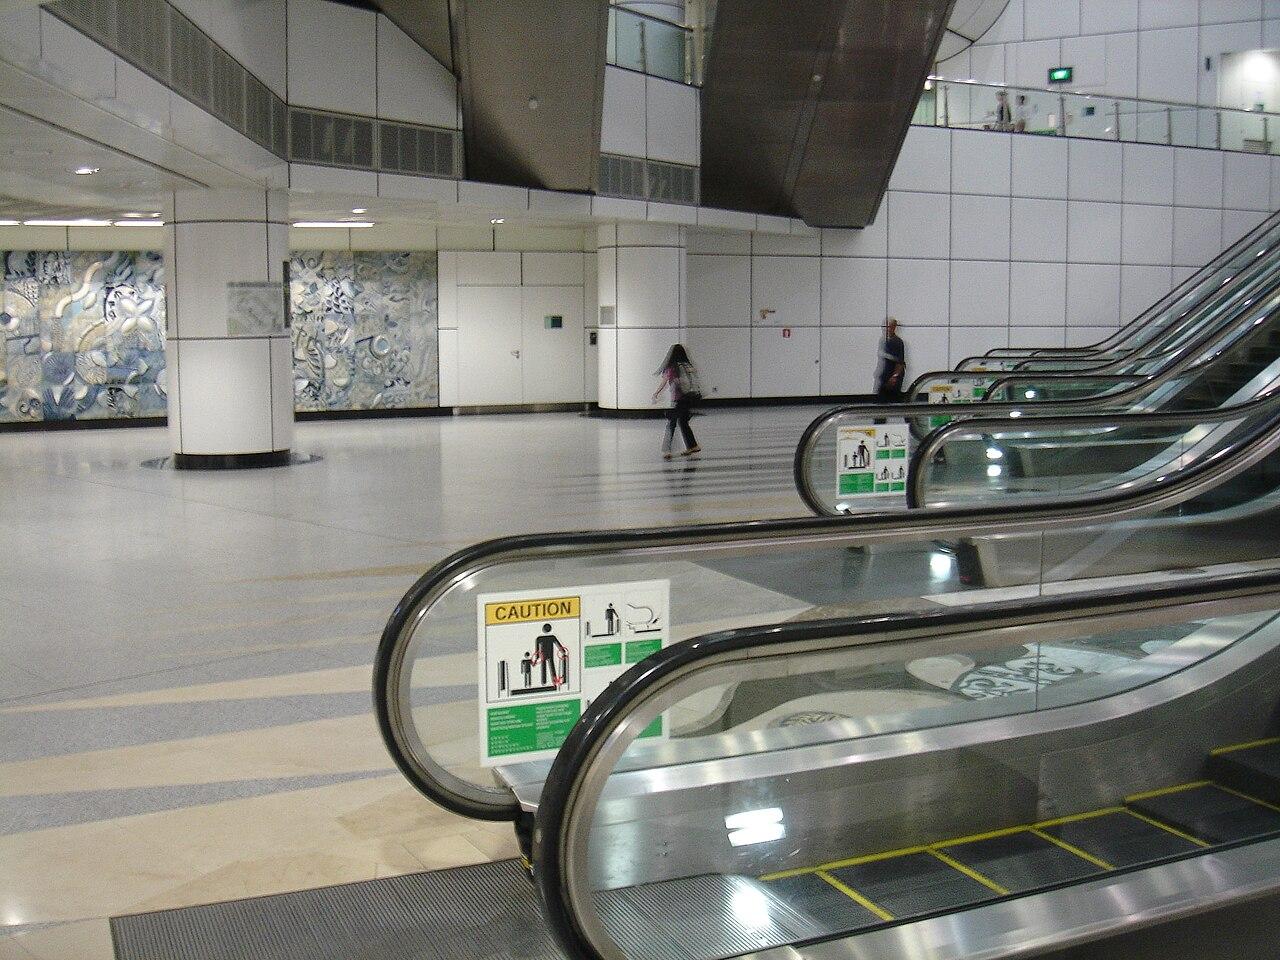 Soubor Transfer Hall Of Dhoby Ghaut Mrt Station Singapore